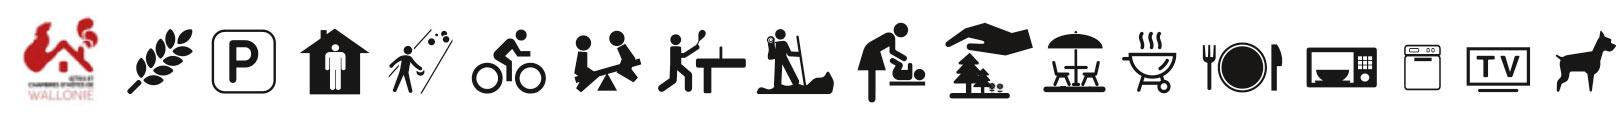 icones-jalna